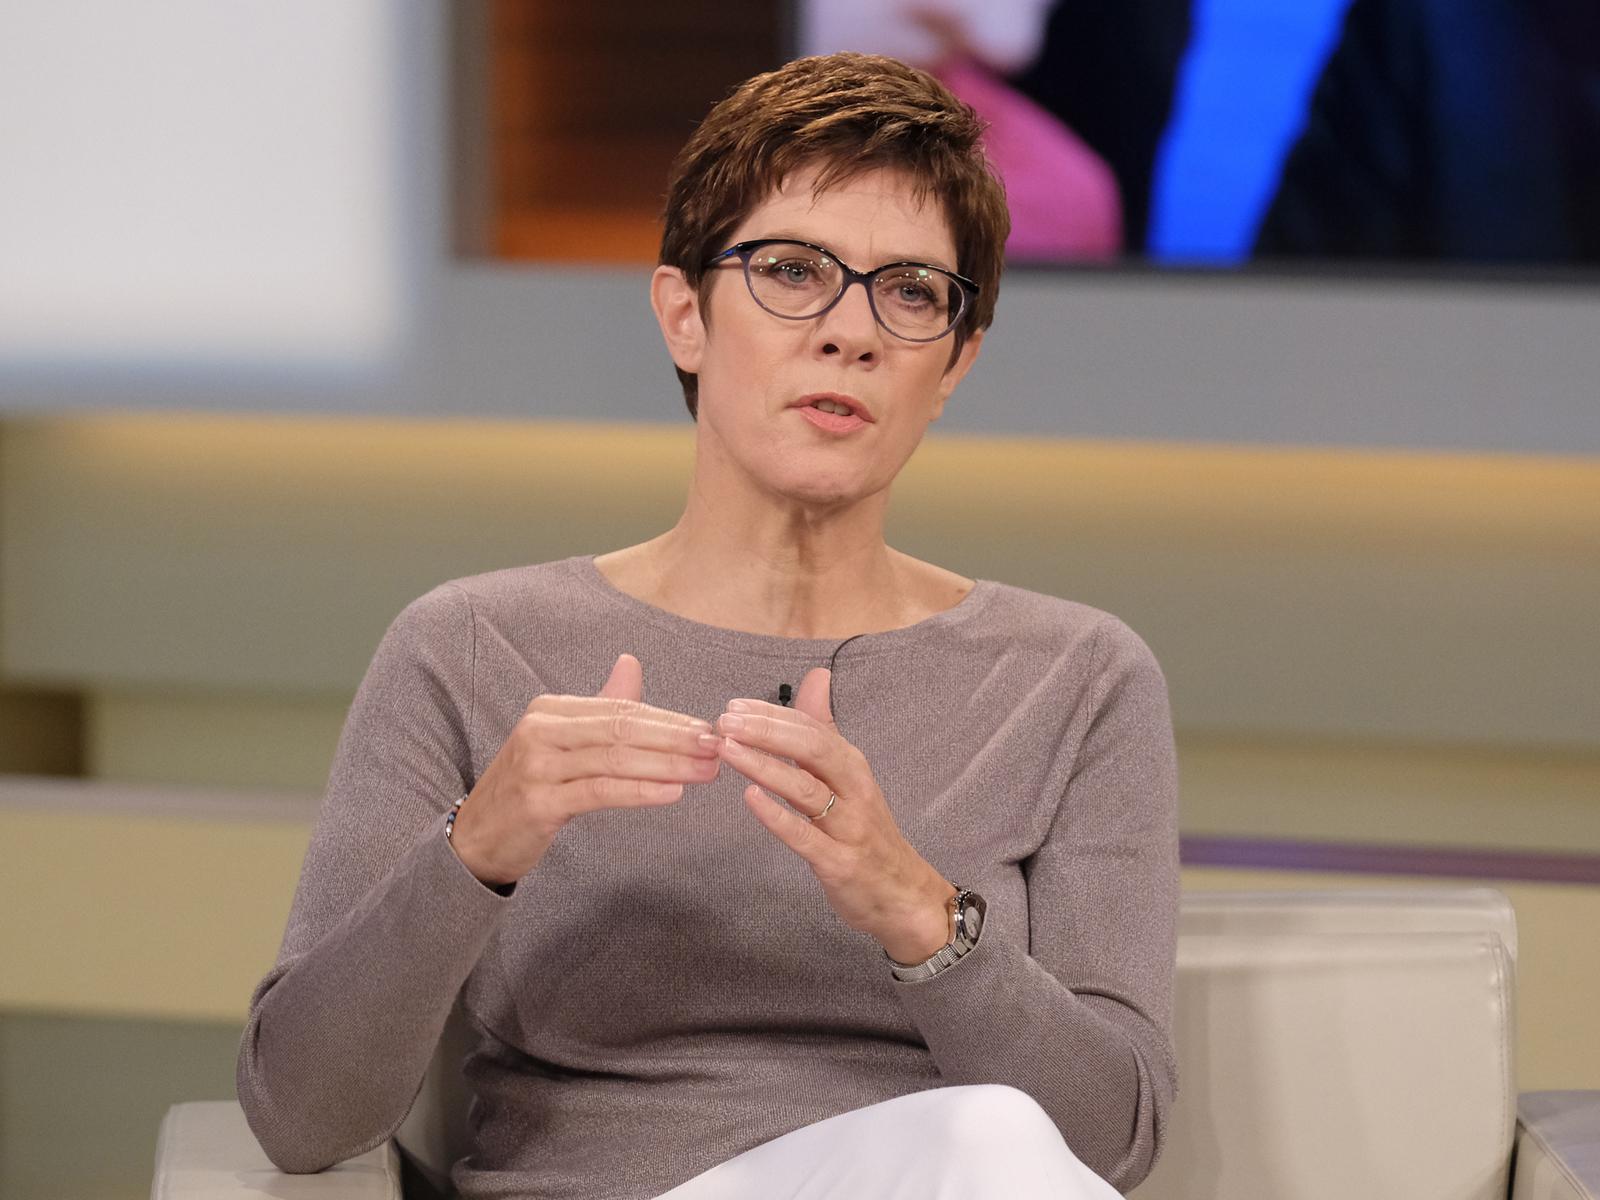 Auftritt bei Anne Will: Kramp-Karrenbauer antwortet auf die Kanzlerfrage